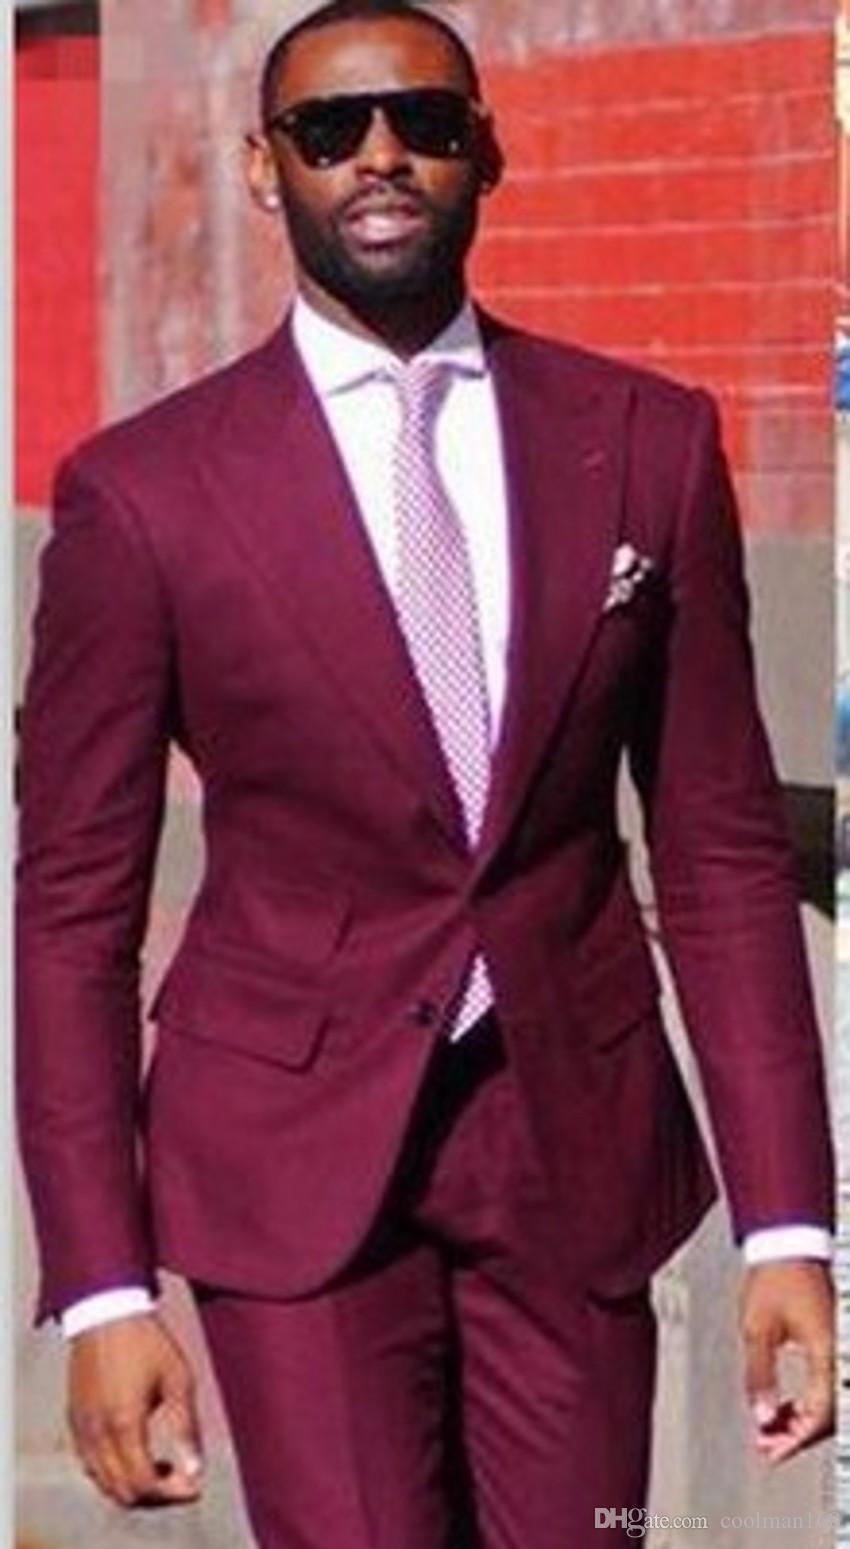 Vino estrenar Mens boda esmoquin pico solapa esmoquin del novio padrinos hombre de la chaqueta de las chaquetas Excelente 2 juegos de una pieza (Jacket + Pants + Tie) 600